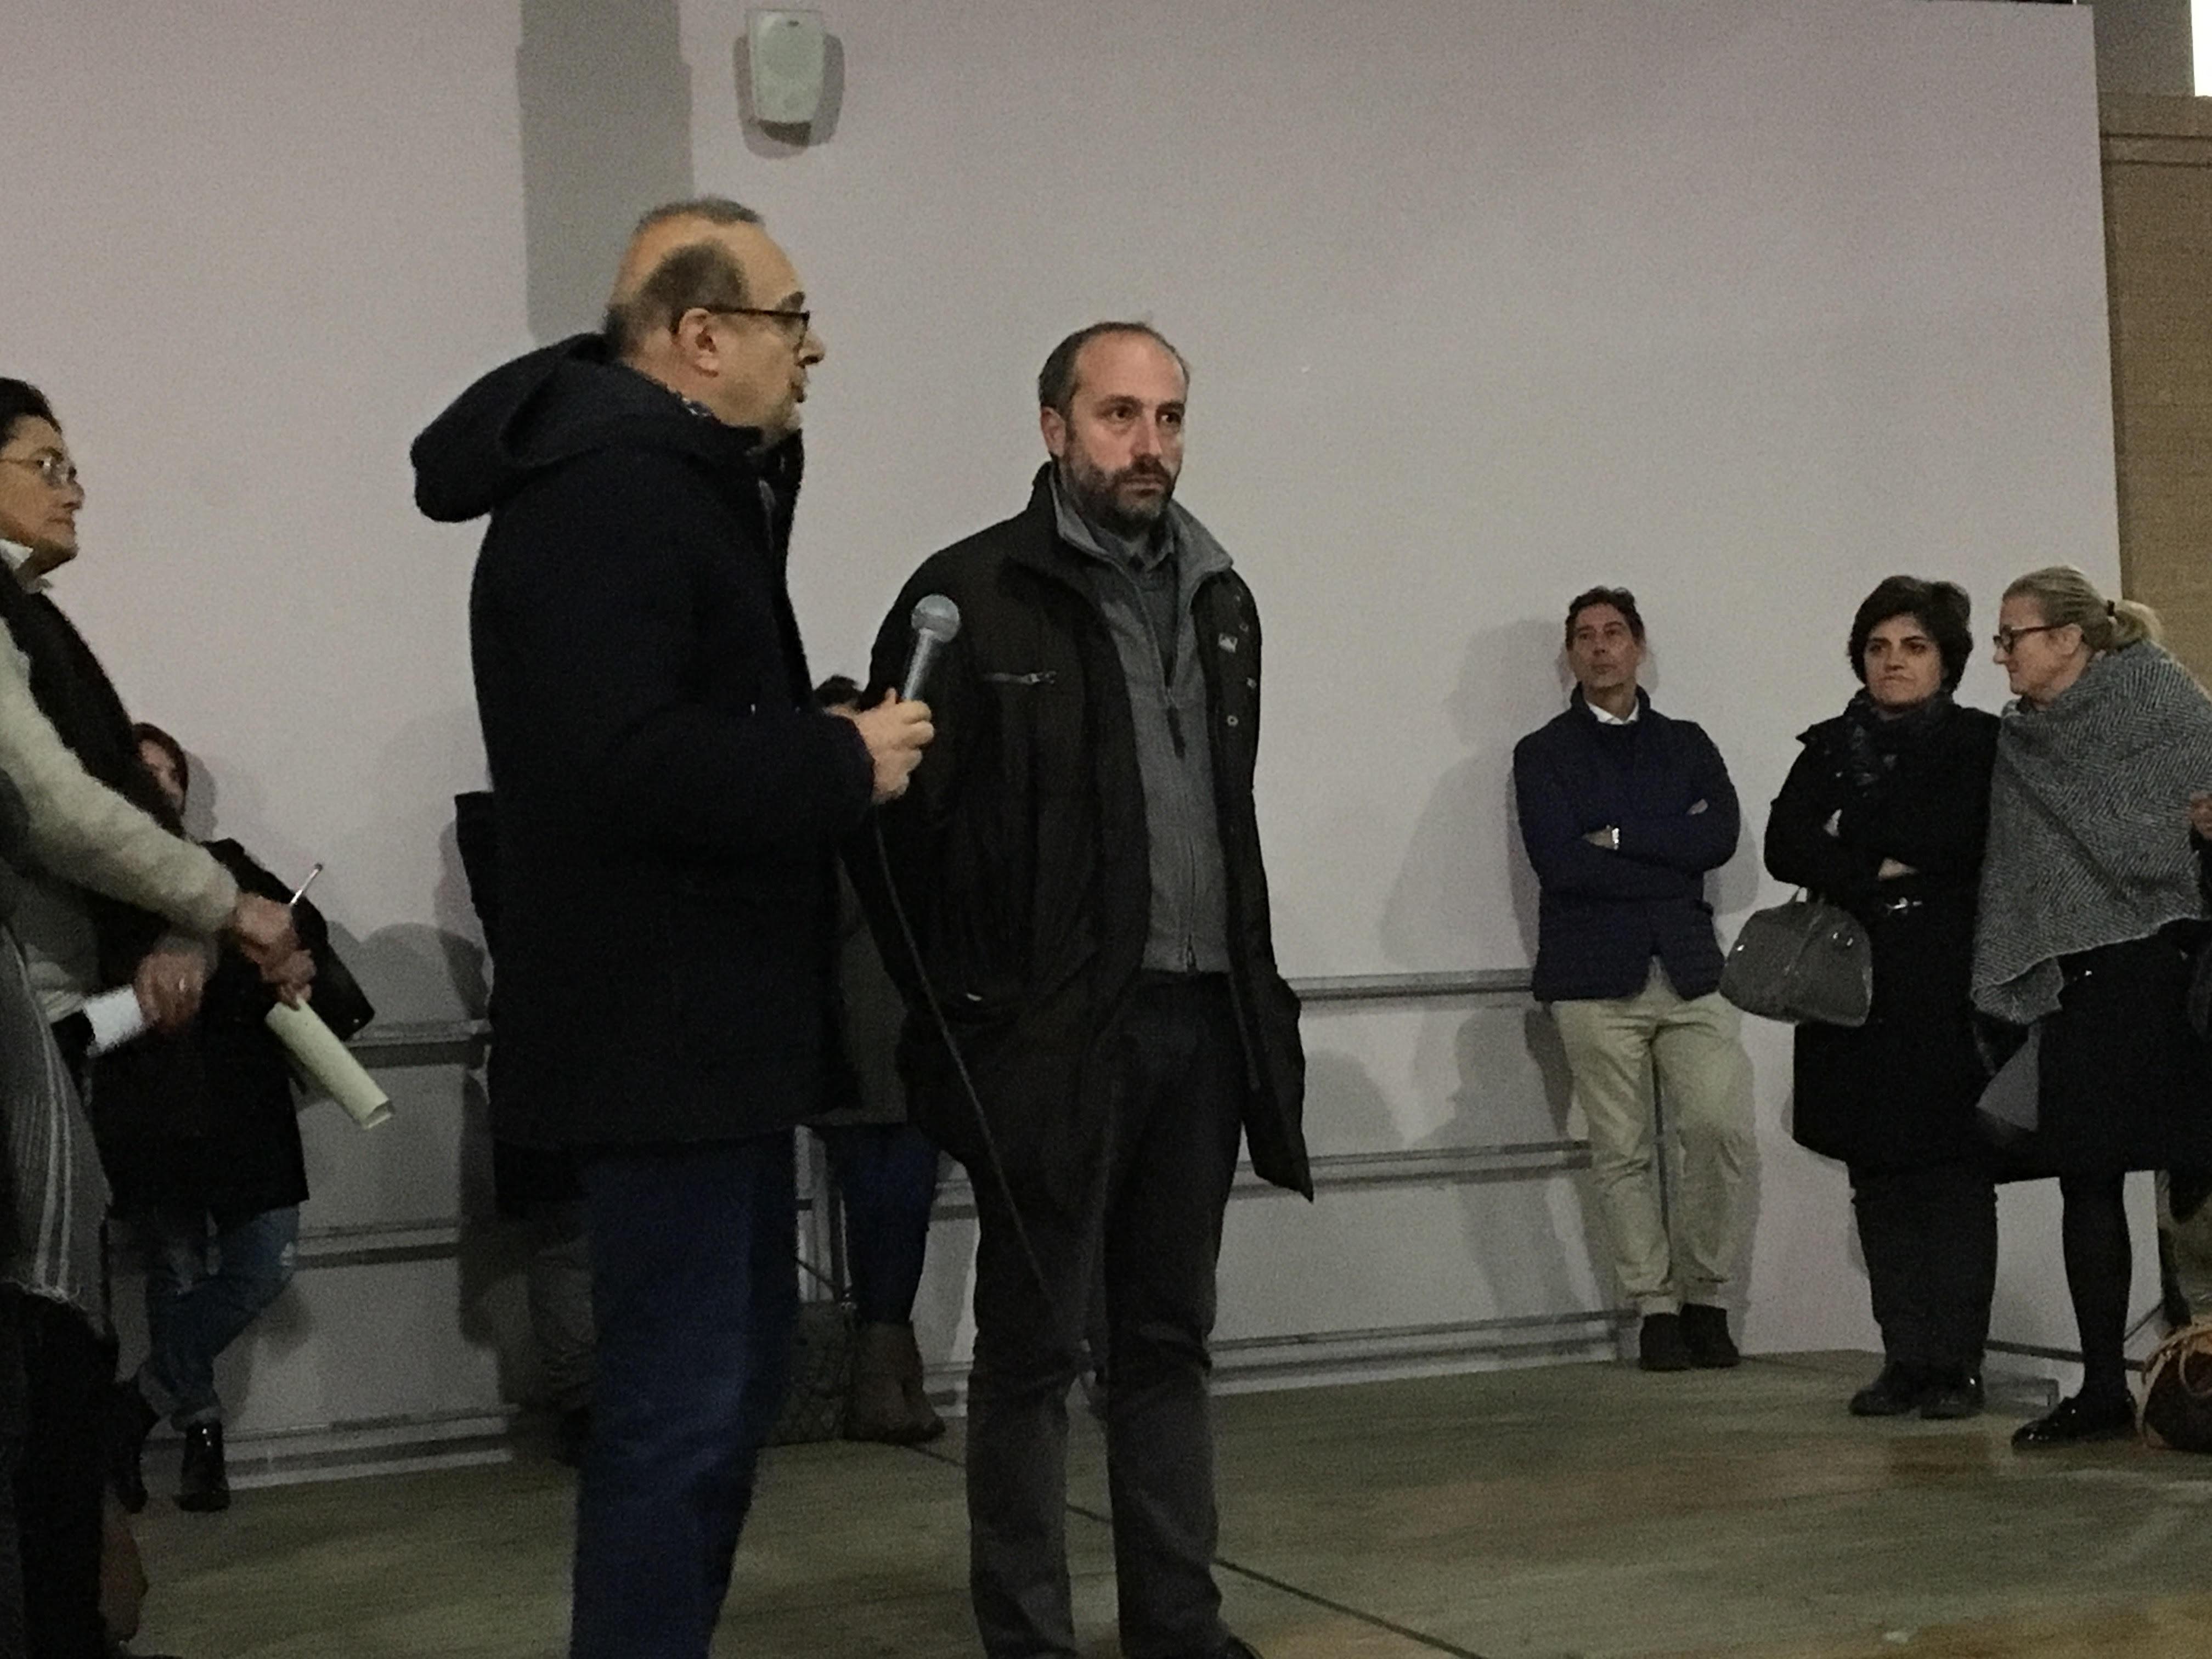 Il sindaco di Fermo Paolo Calcinaro e il dott. Cesare Marziali, giudice del tribunale di Fermo